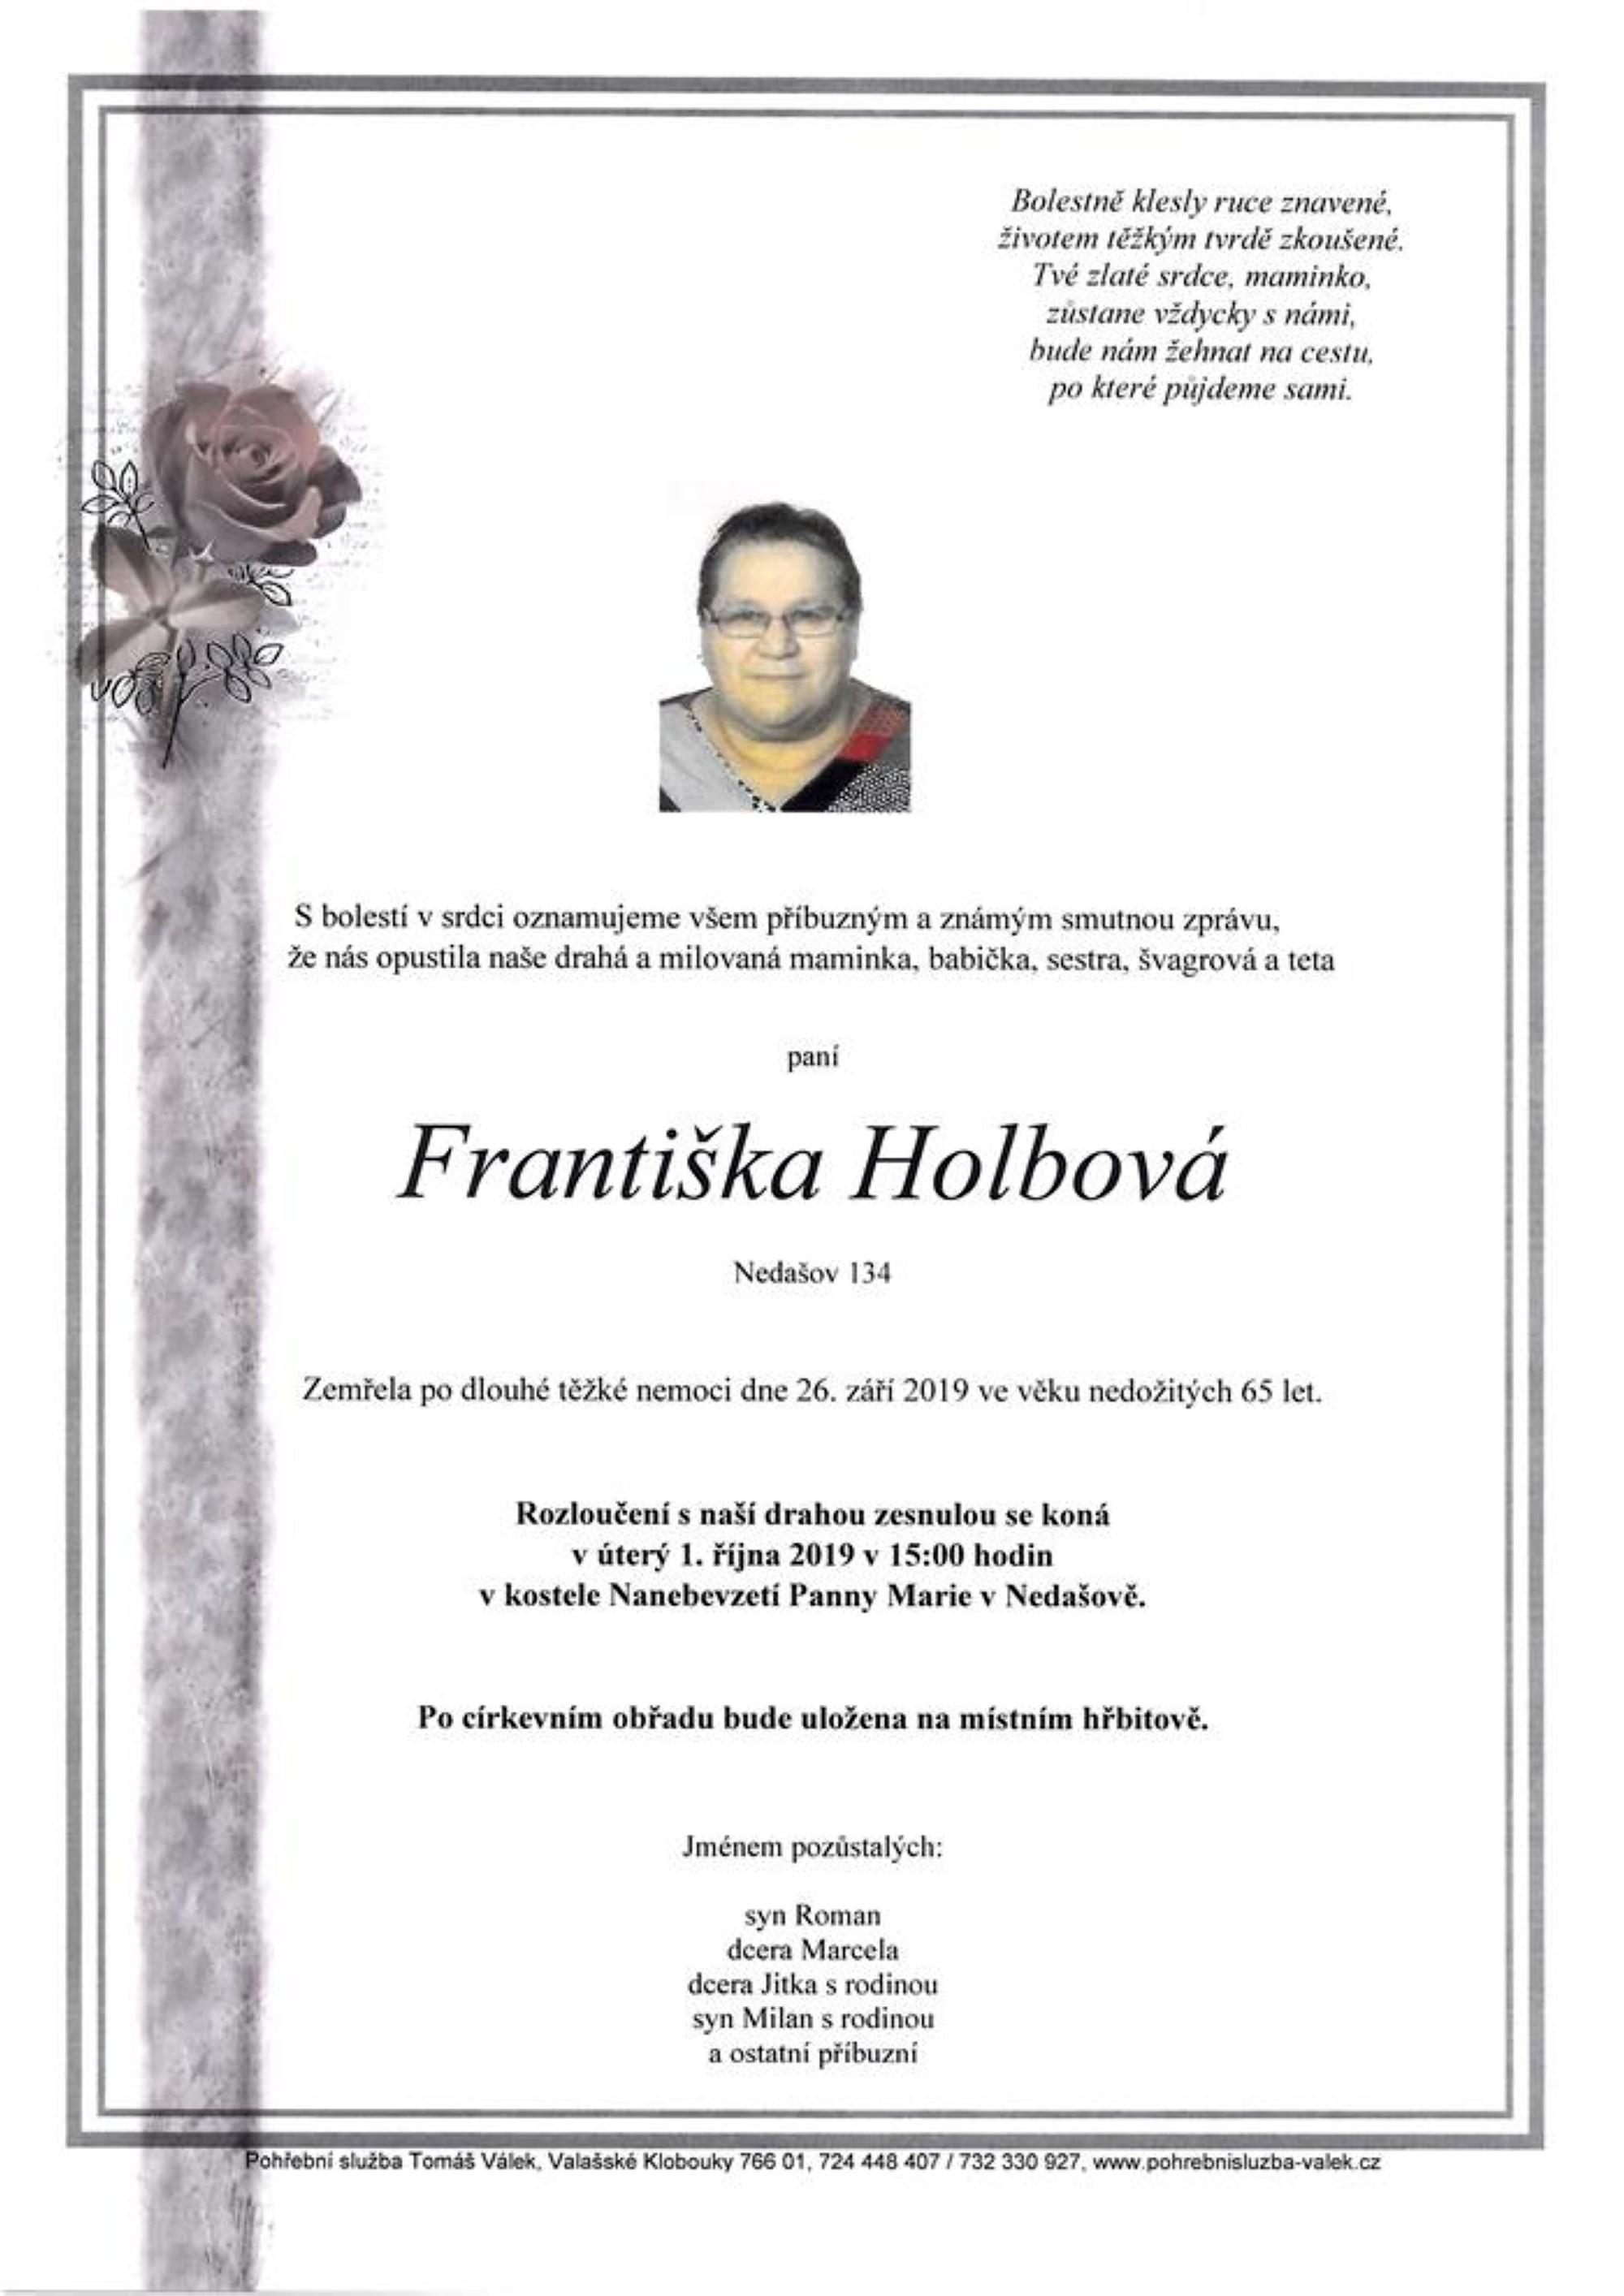 Františka Holbová